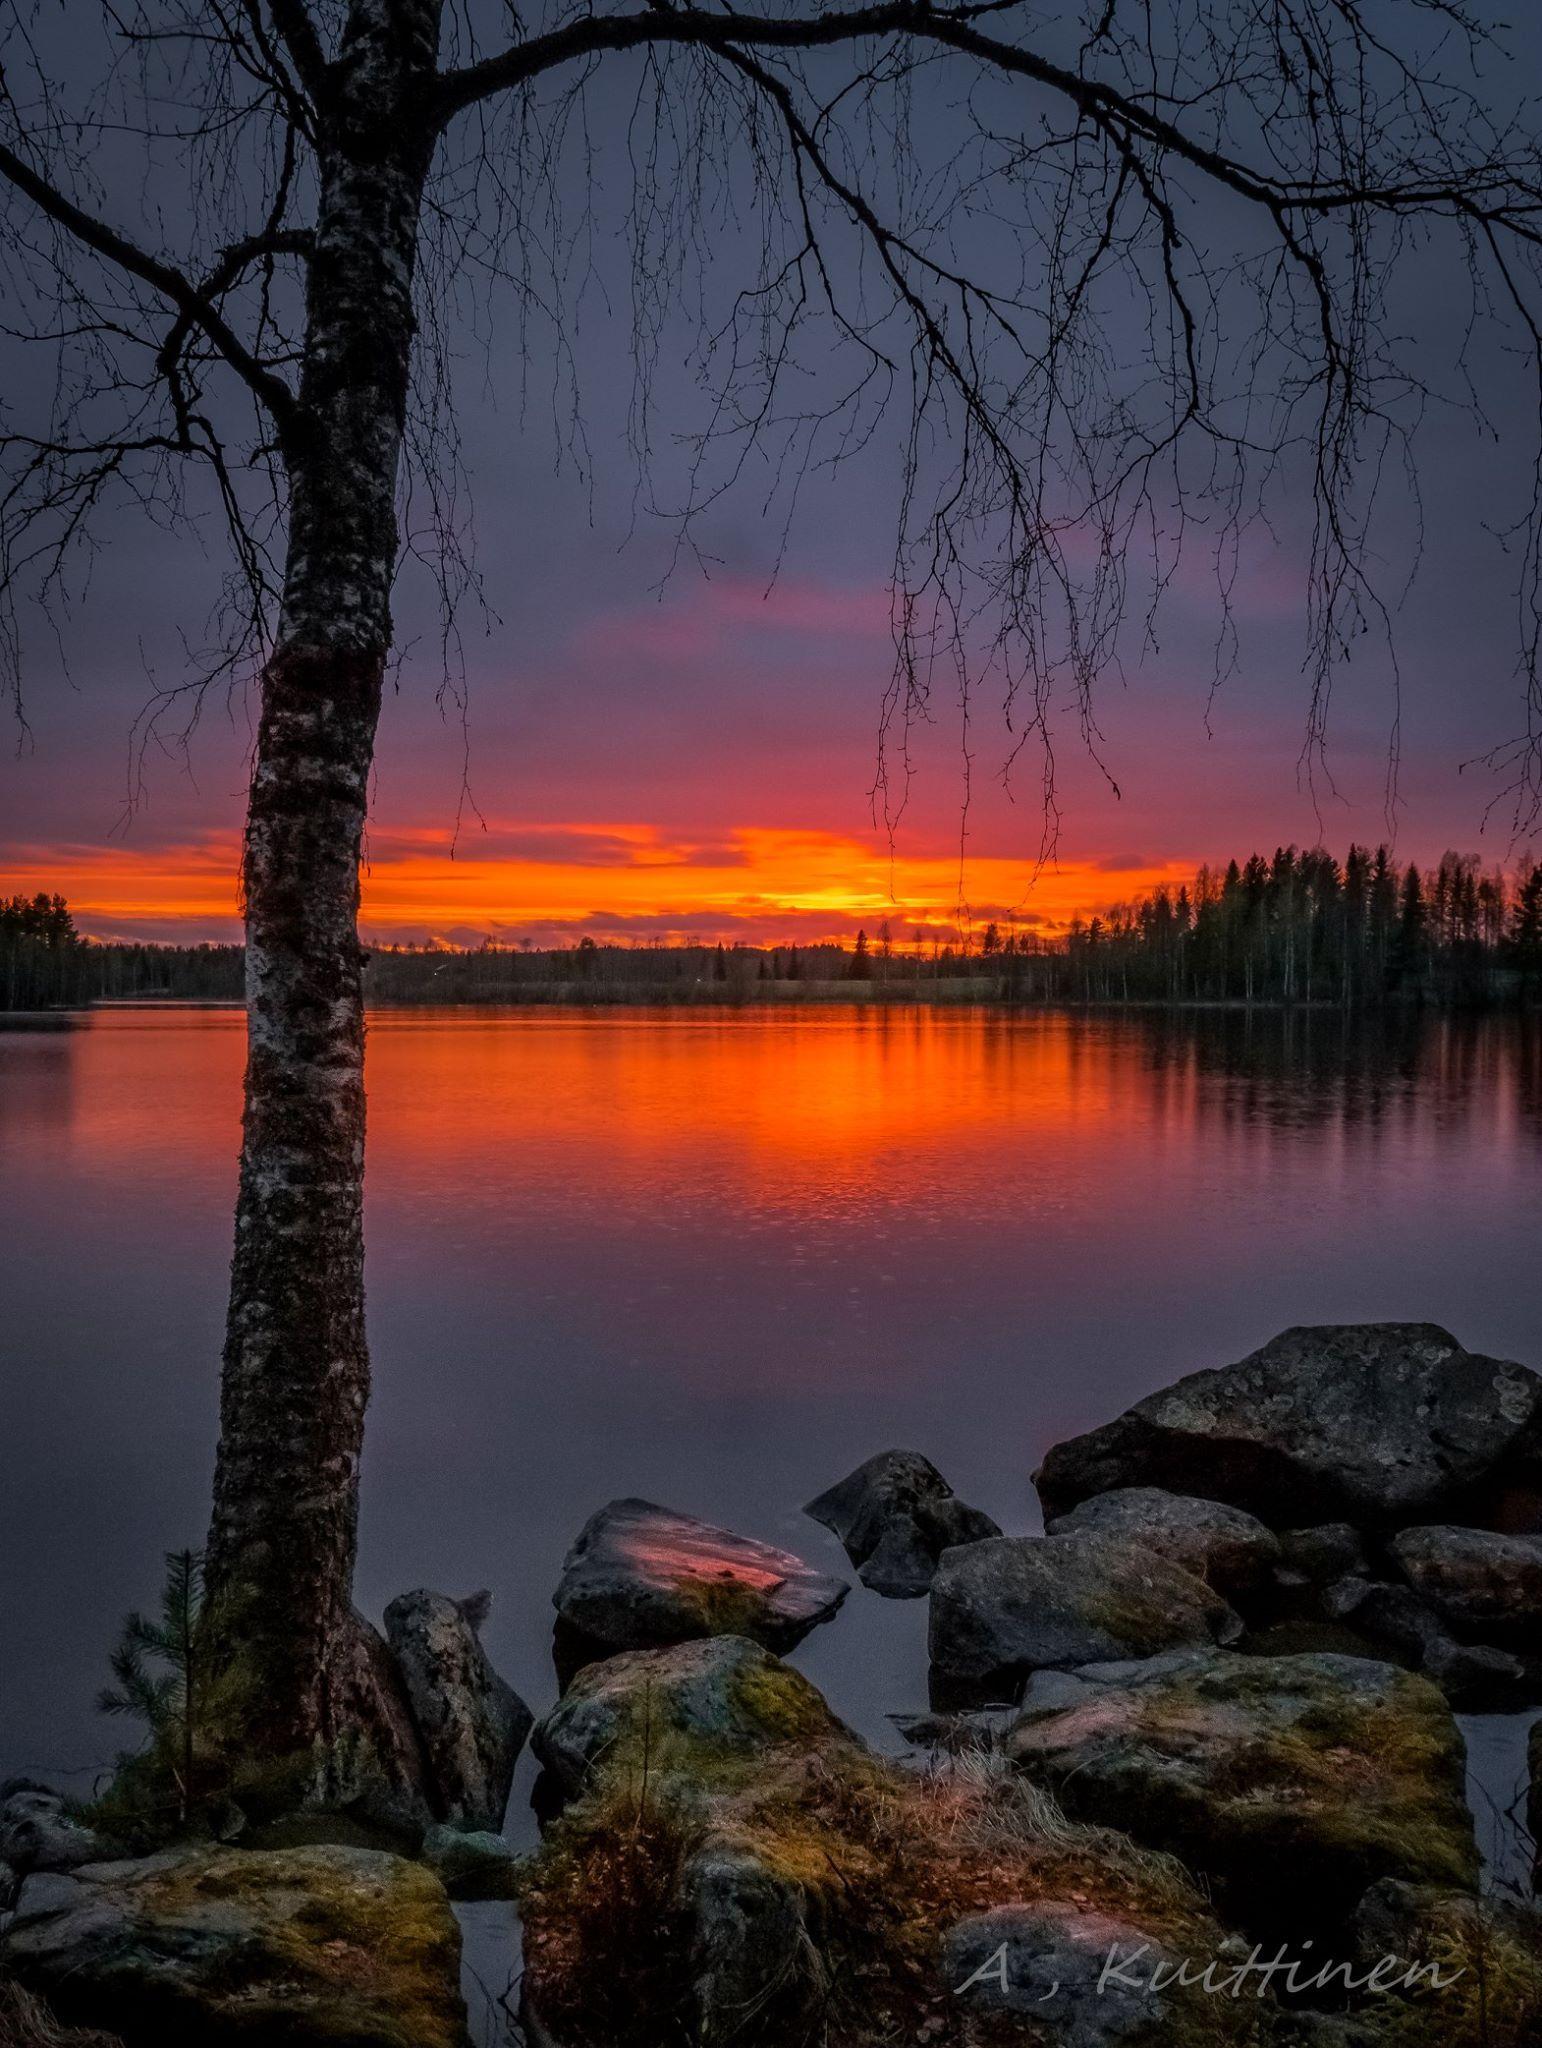 An autumn midnight  Asko Kuittinen  Suomalainen maisema